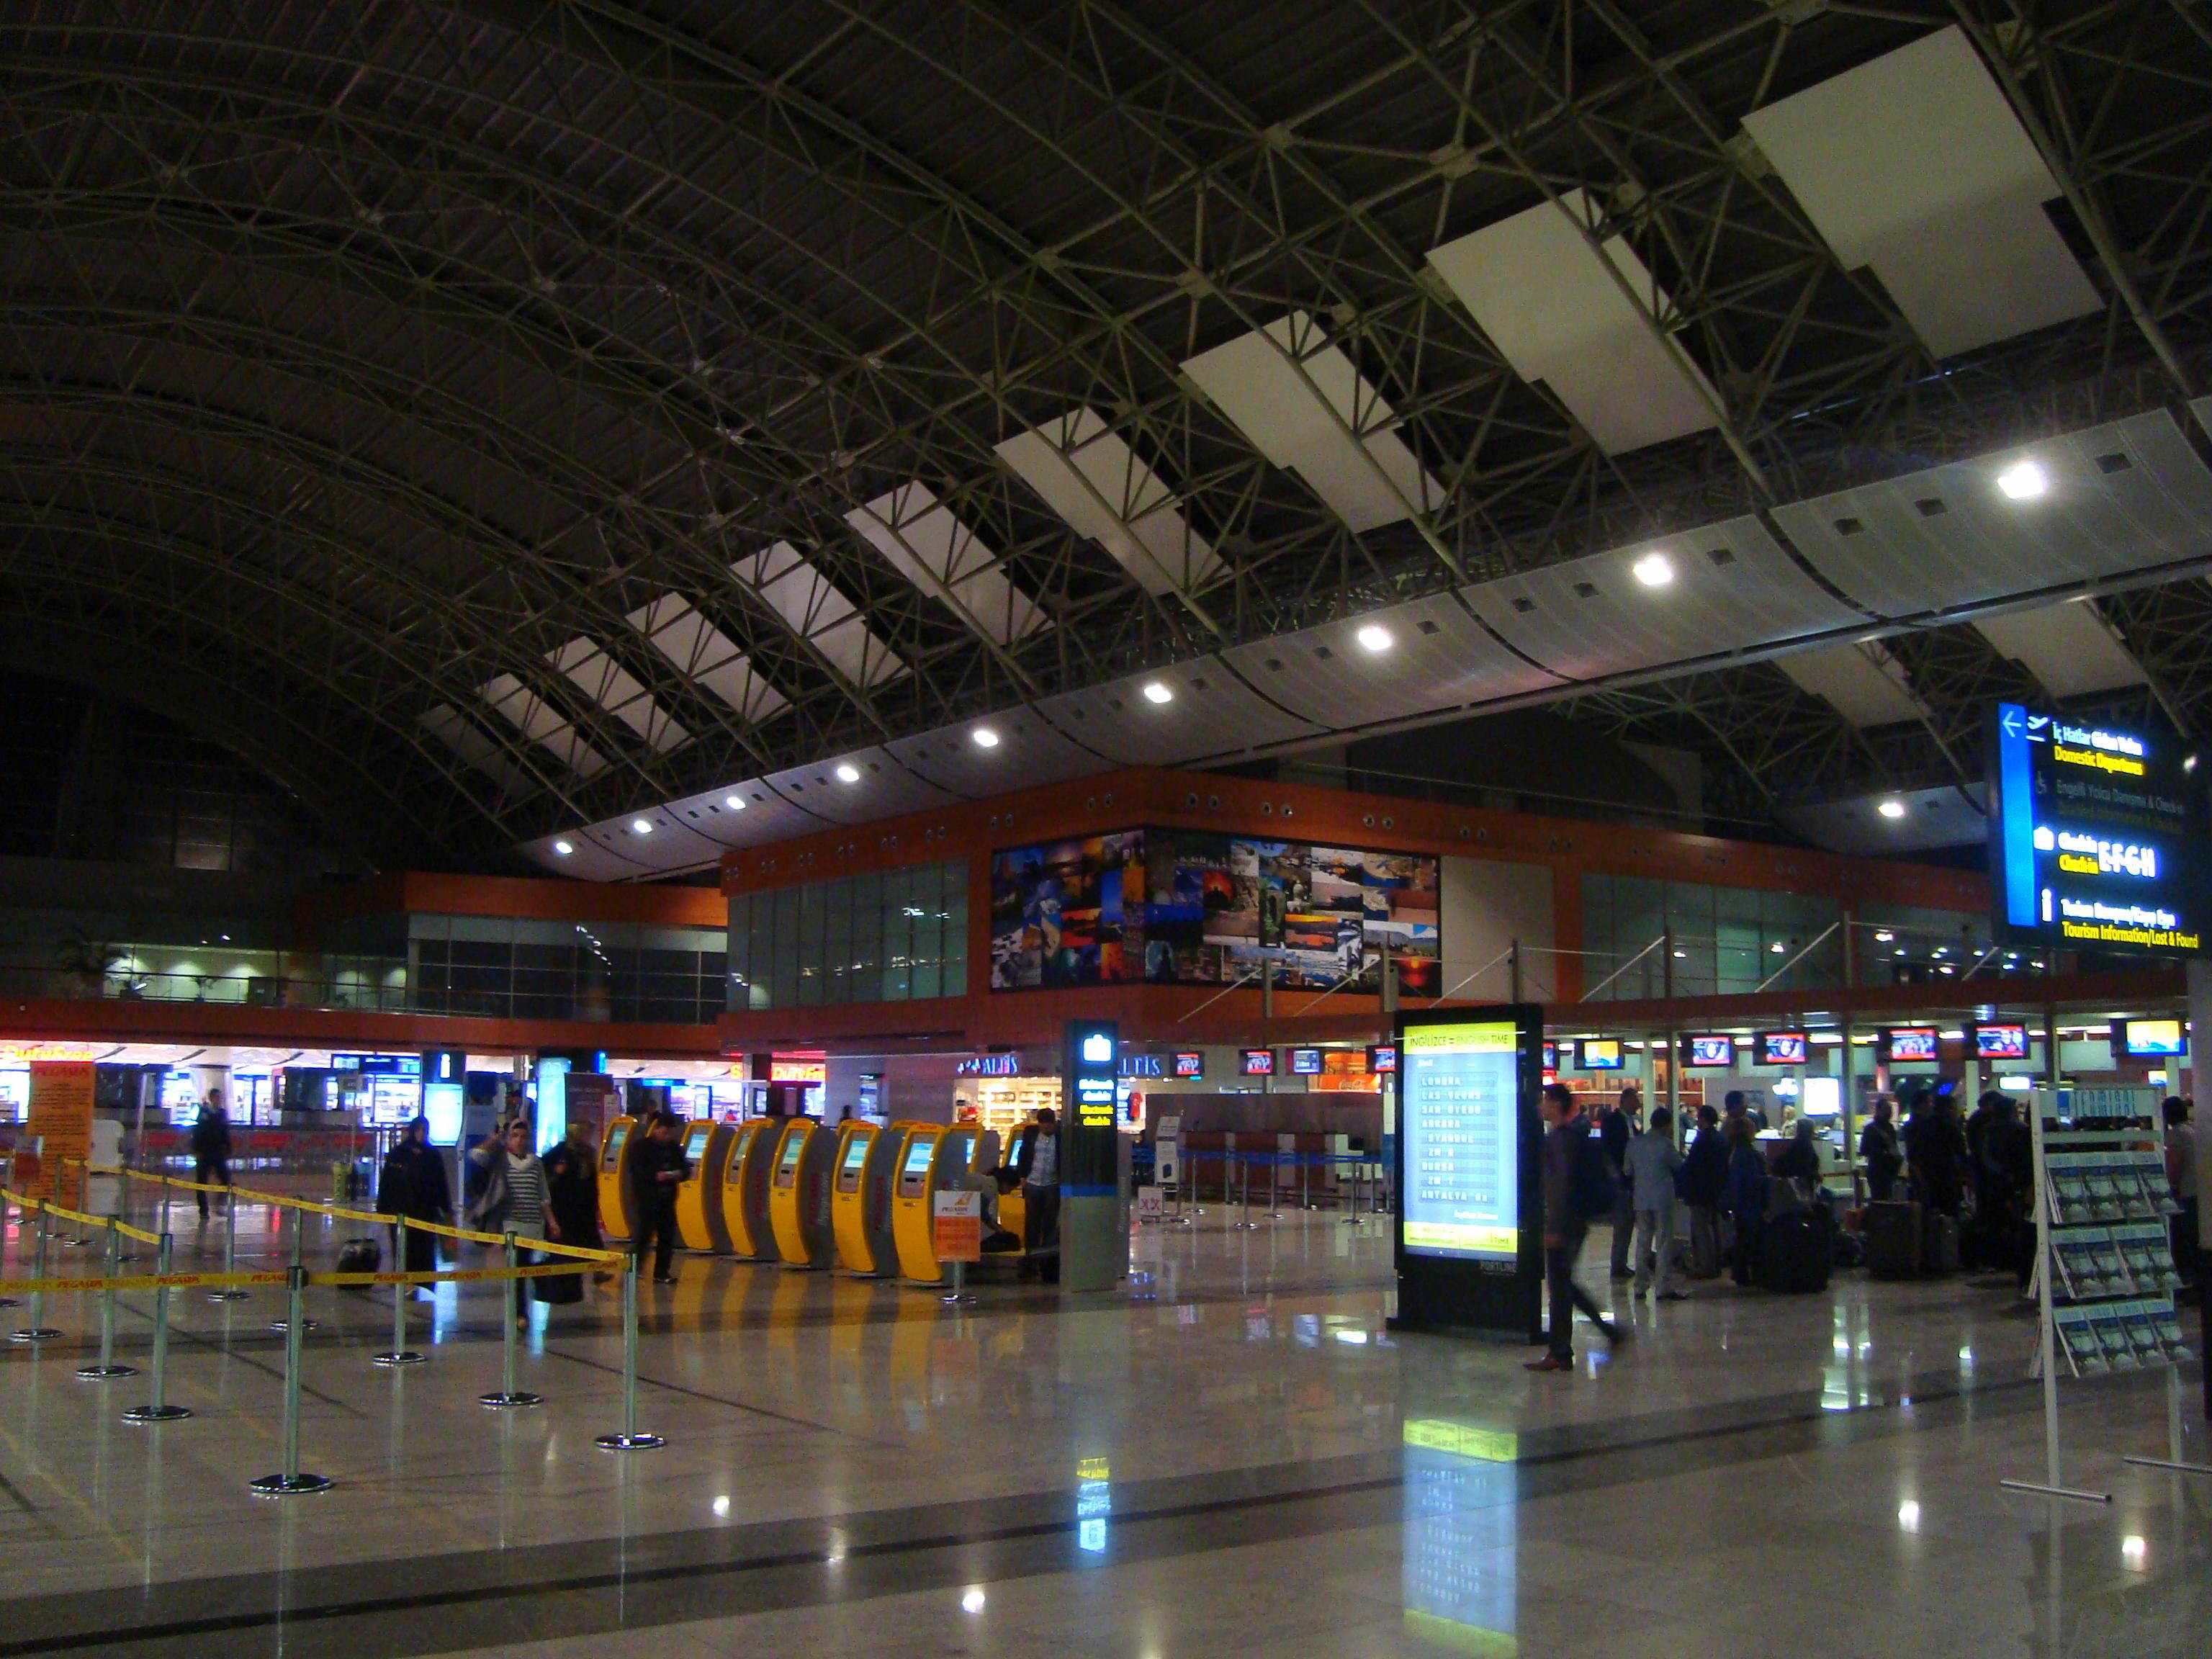 Διεθνές Αεροδρόμιο Σαμπιχά Γκιοκτσέν